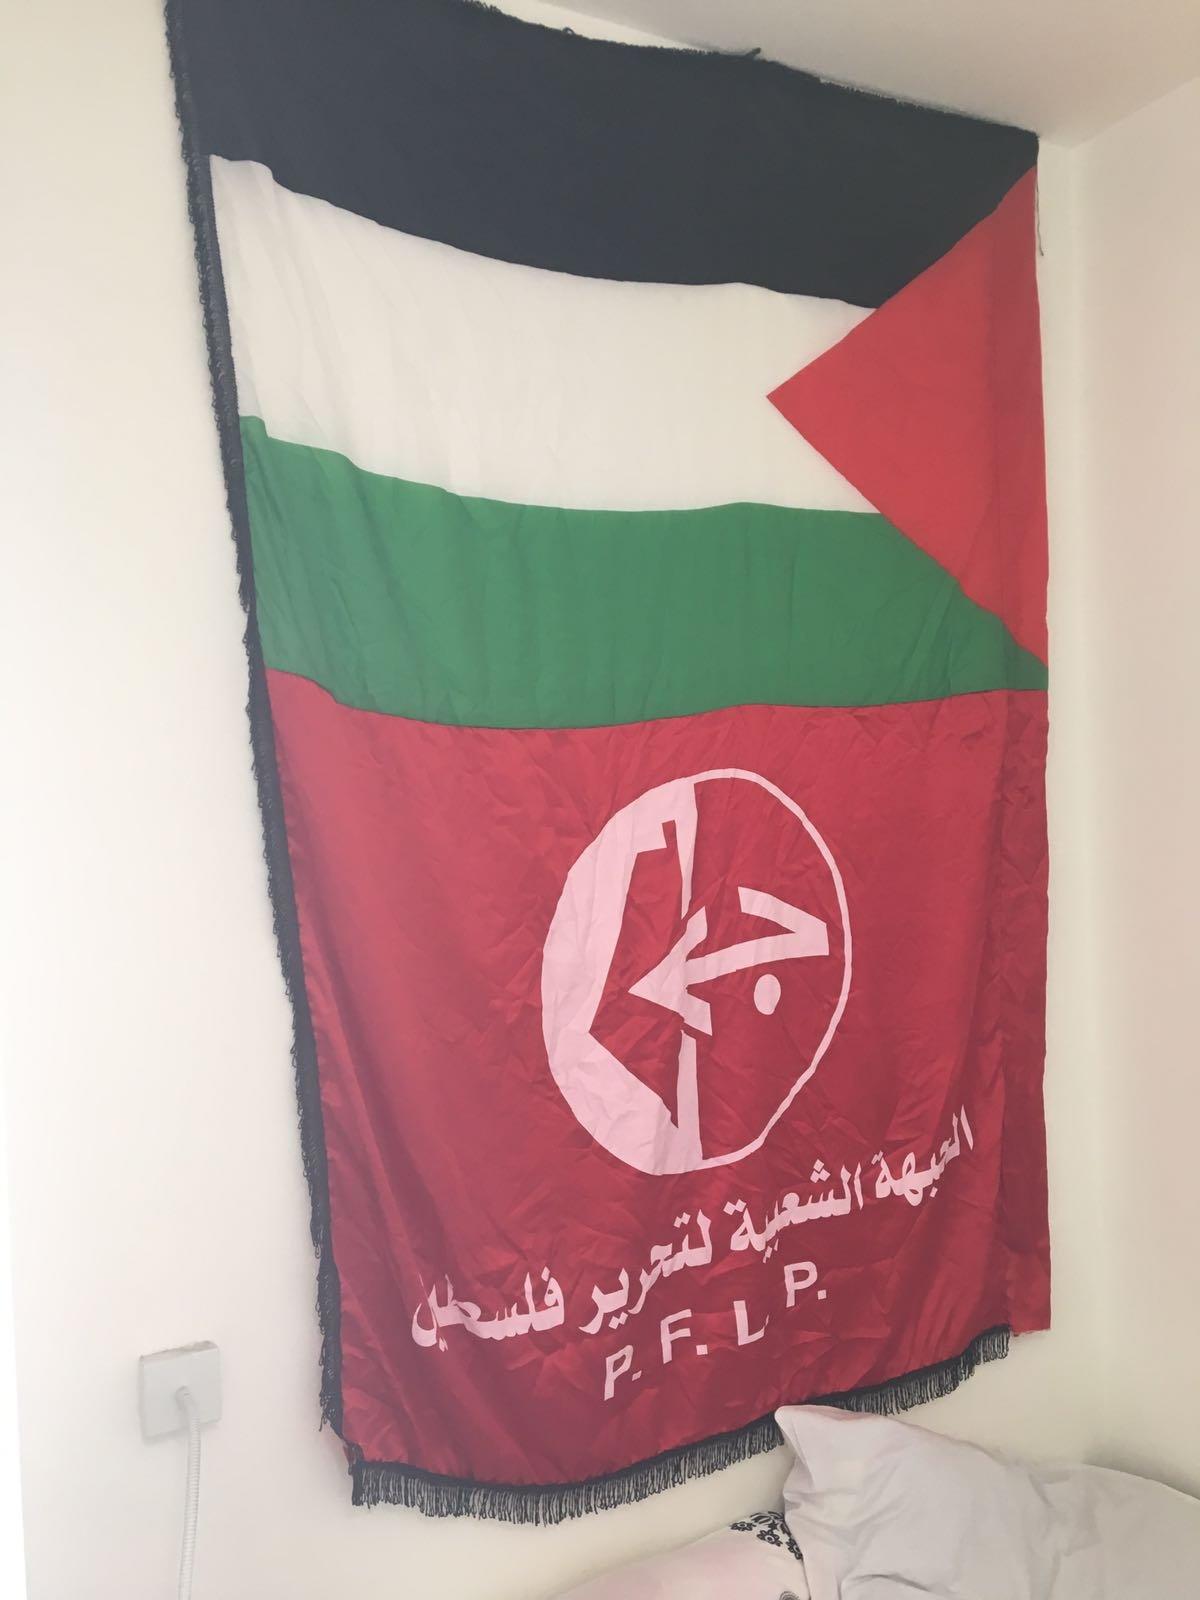 التحقيق مع طالب بجامعة تل أبيب بسبب تعليق صور لشخصيات فلسطينية وطنية في غرفته